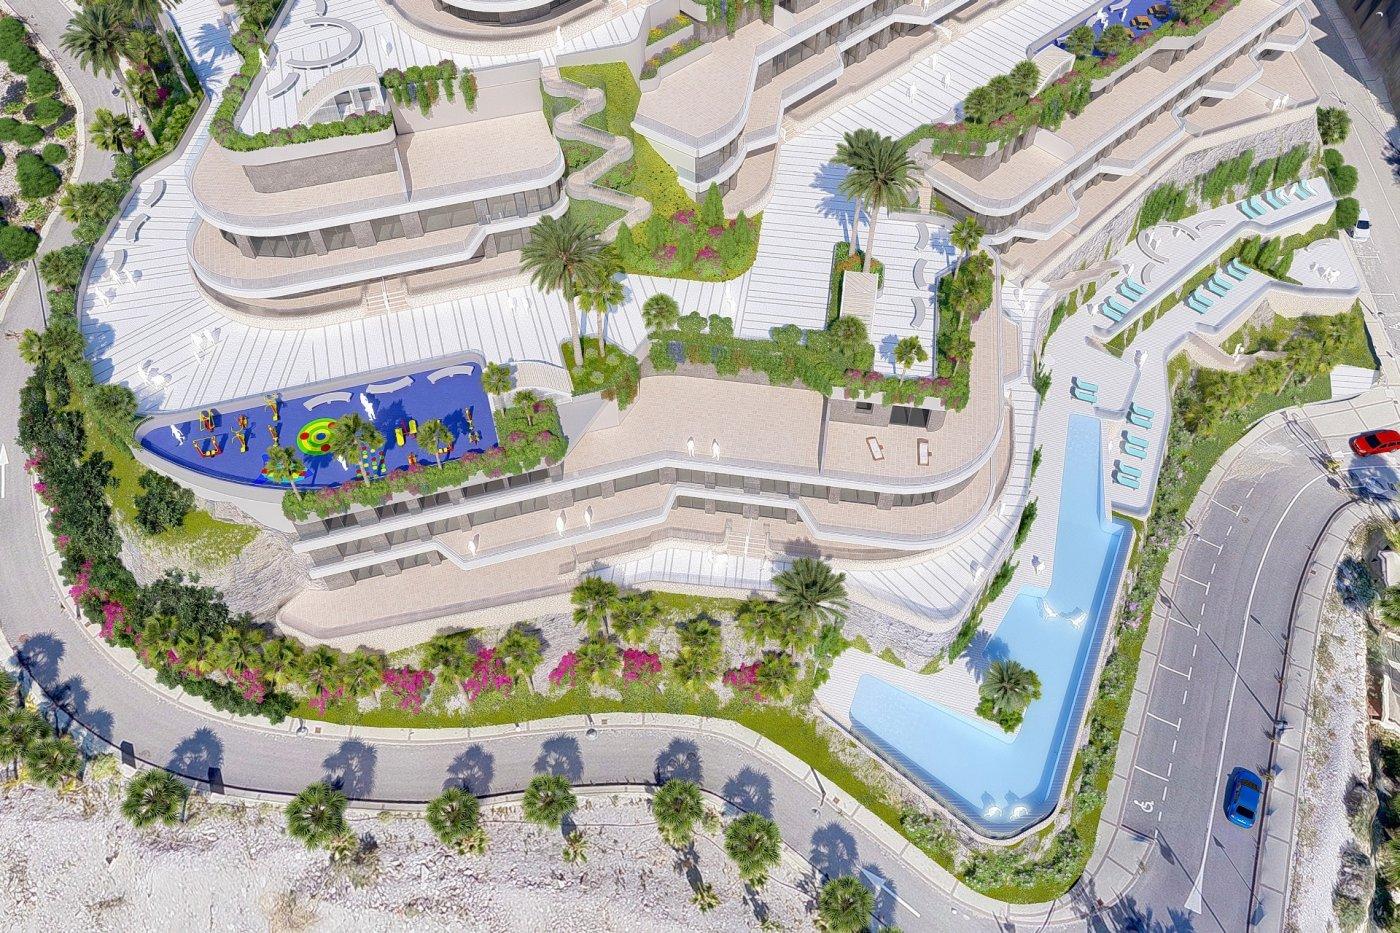 Galleribillede 10 of Exceptionel 2 etagers 4 vær luksus lejlighed, panorama udsigt, 58 m2 og 24 m2 solterrasser